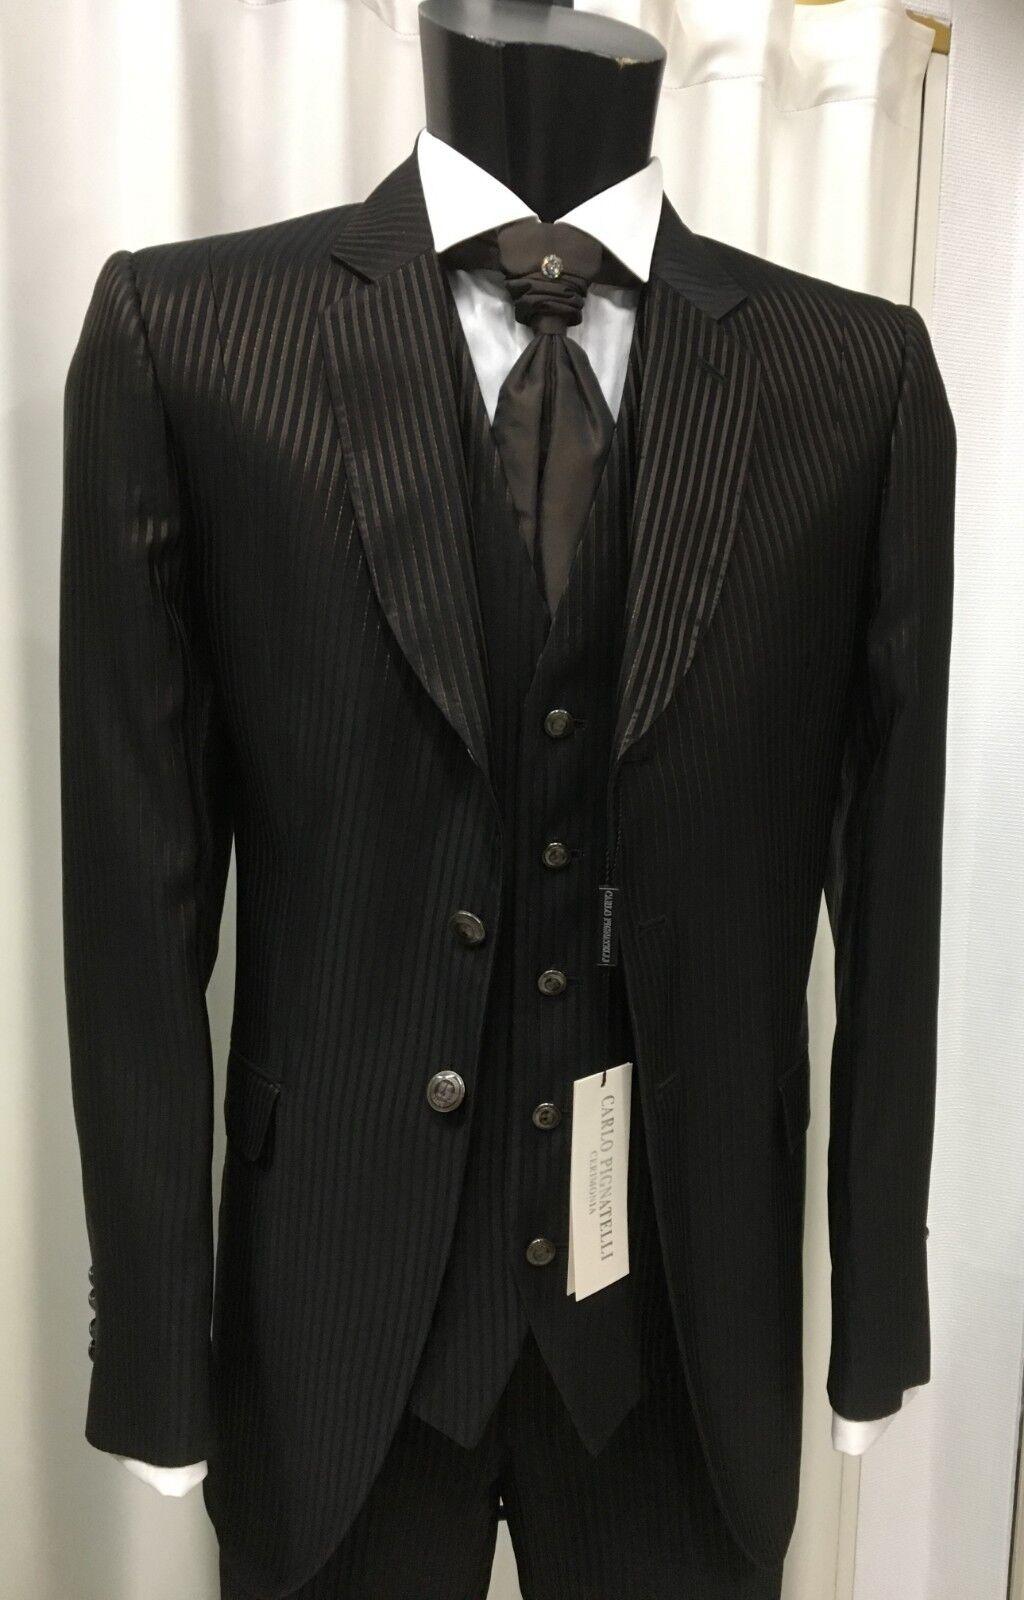 Kleidung Mann Bräutigam Unterzeichnet Carlo Pignatelli Eingeladen Zeremonie Suit   | Mittel Preis  | Genialität  | Flagship-Store